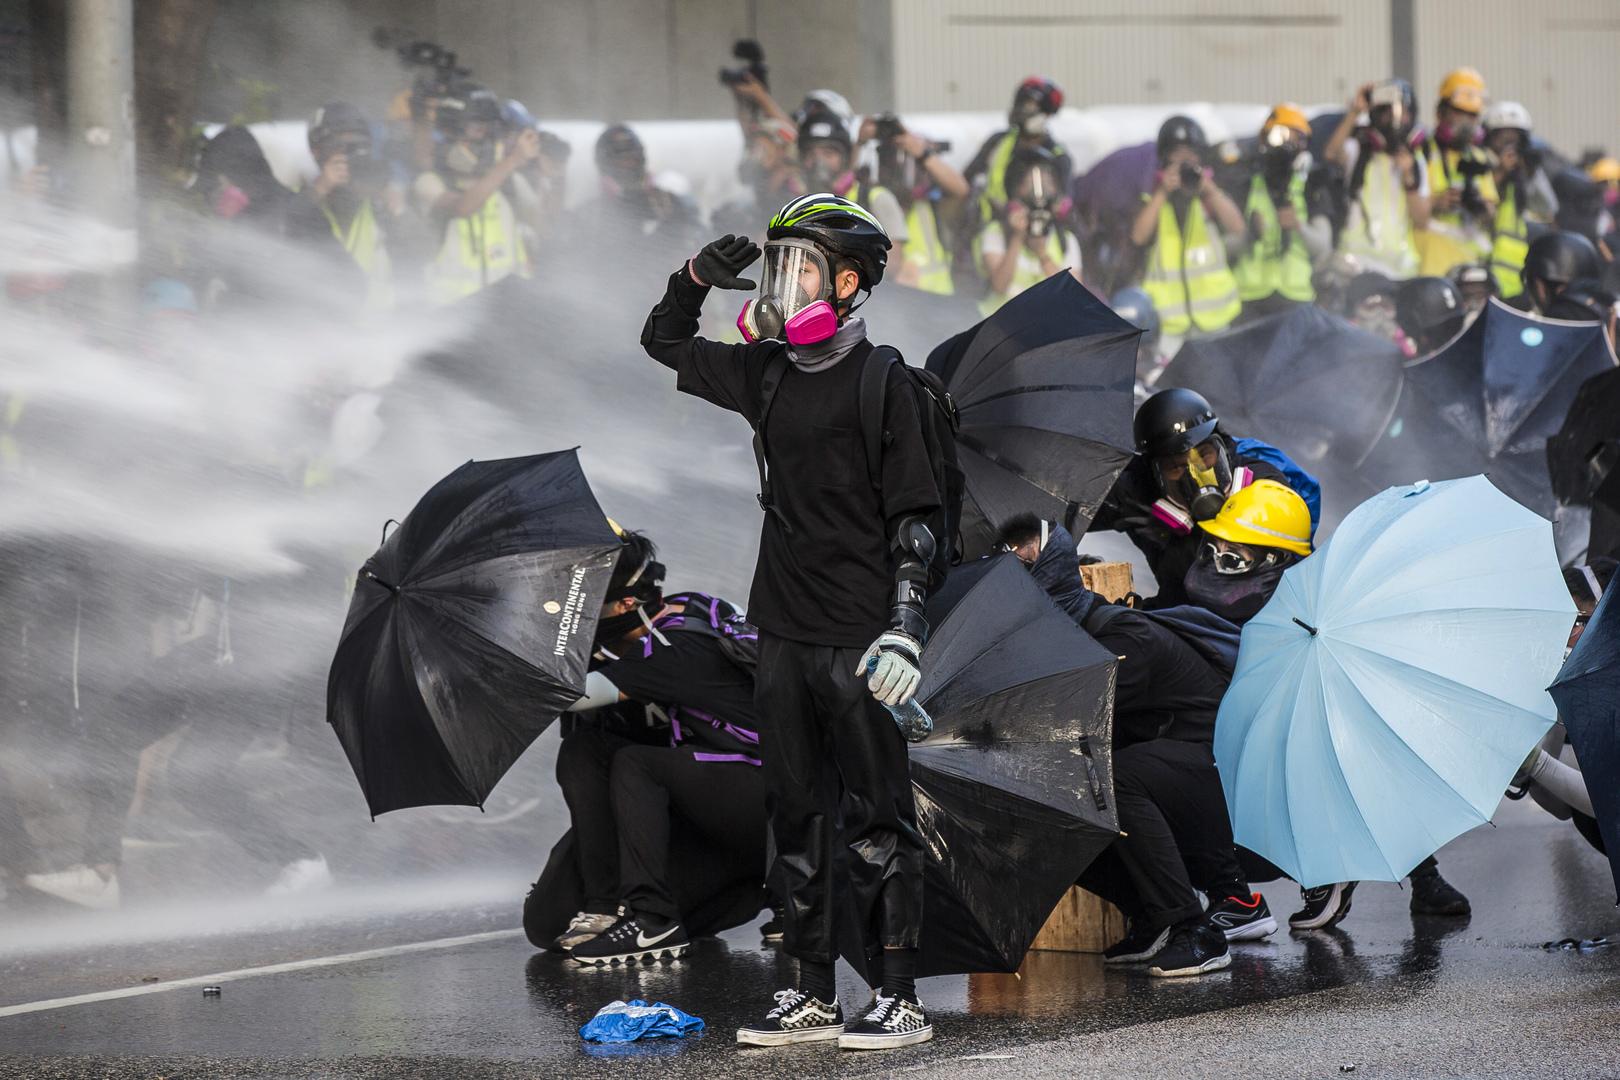 2019, l'année de toutes les manifestations ?